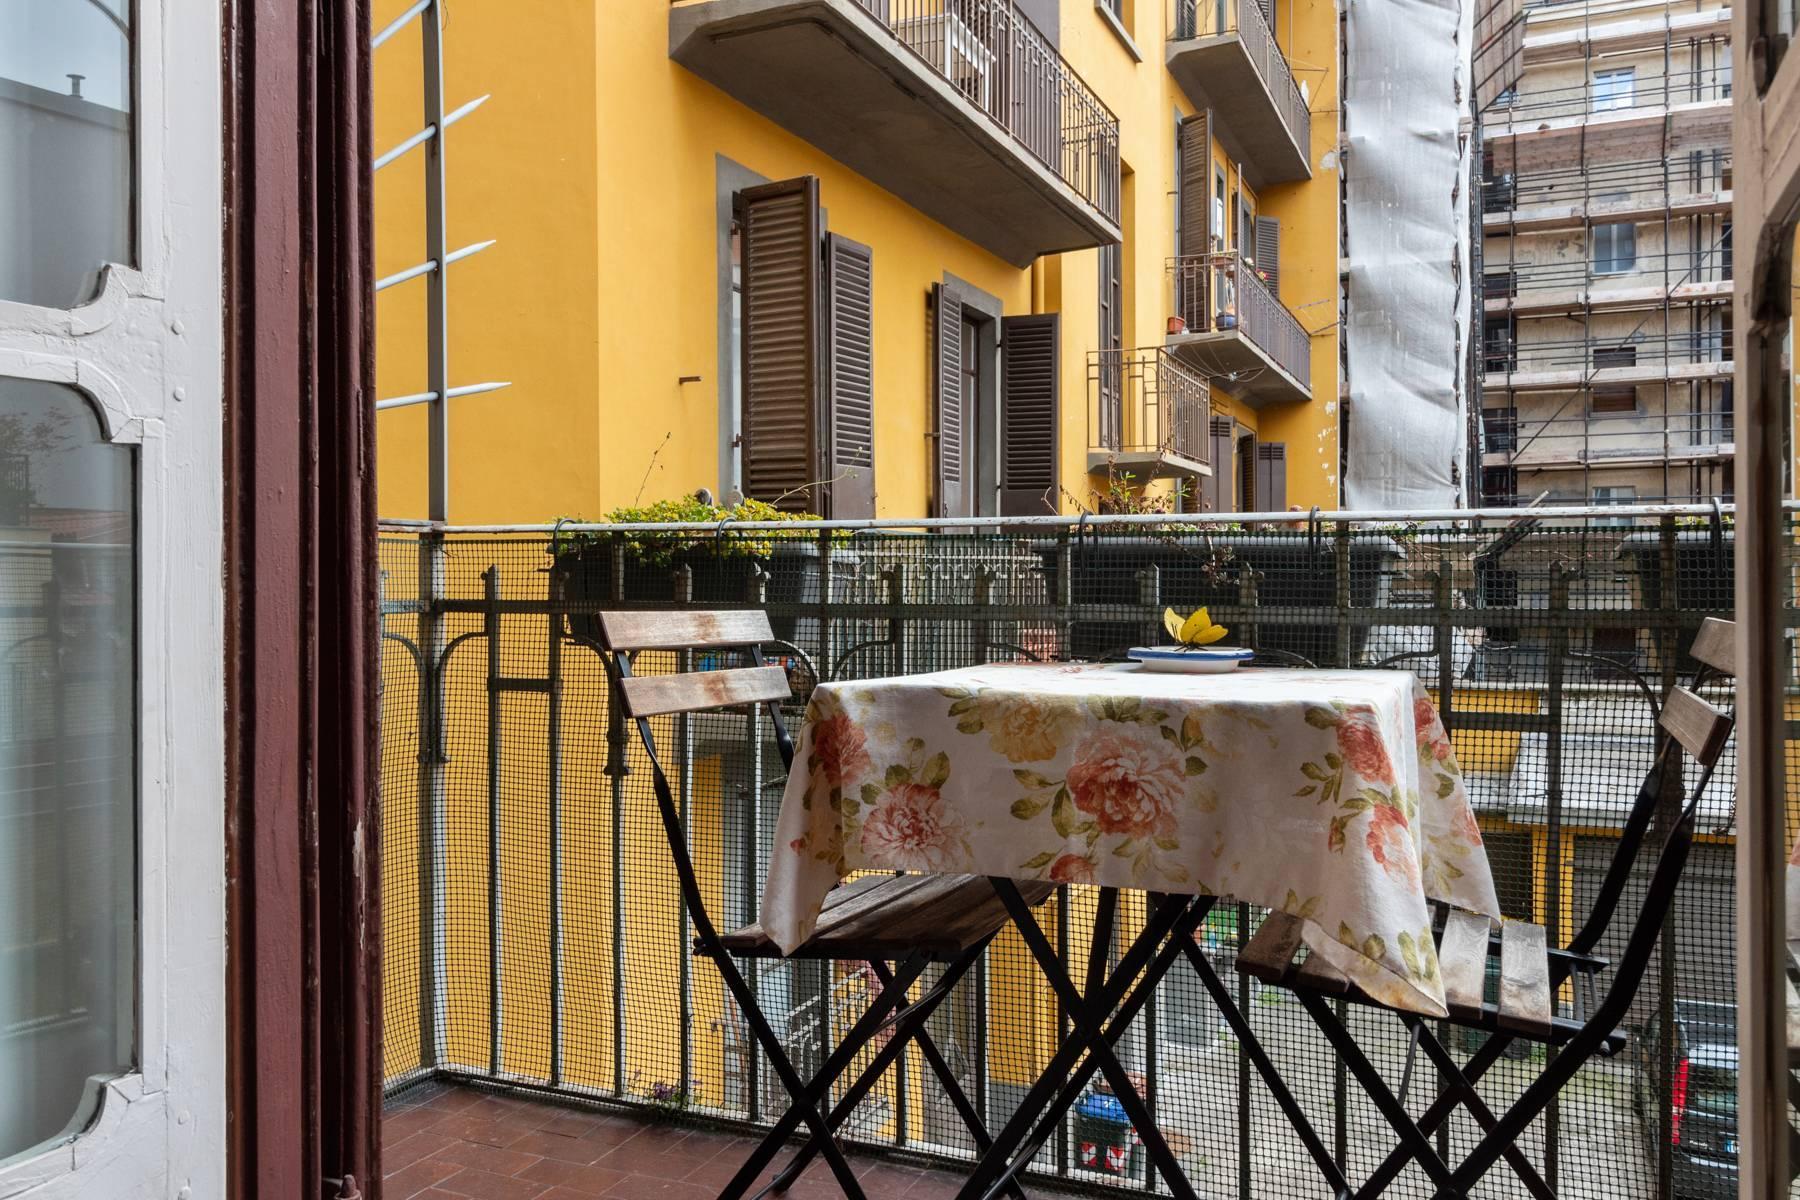 Affascinante appartamento nel cuore del quartiere Cit Turin - 11